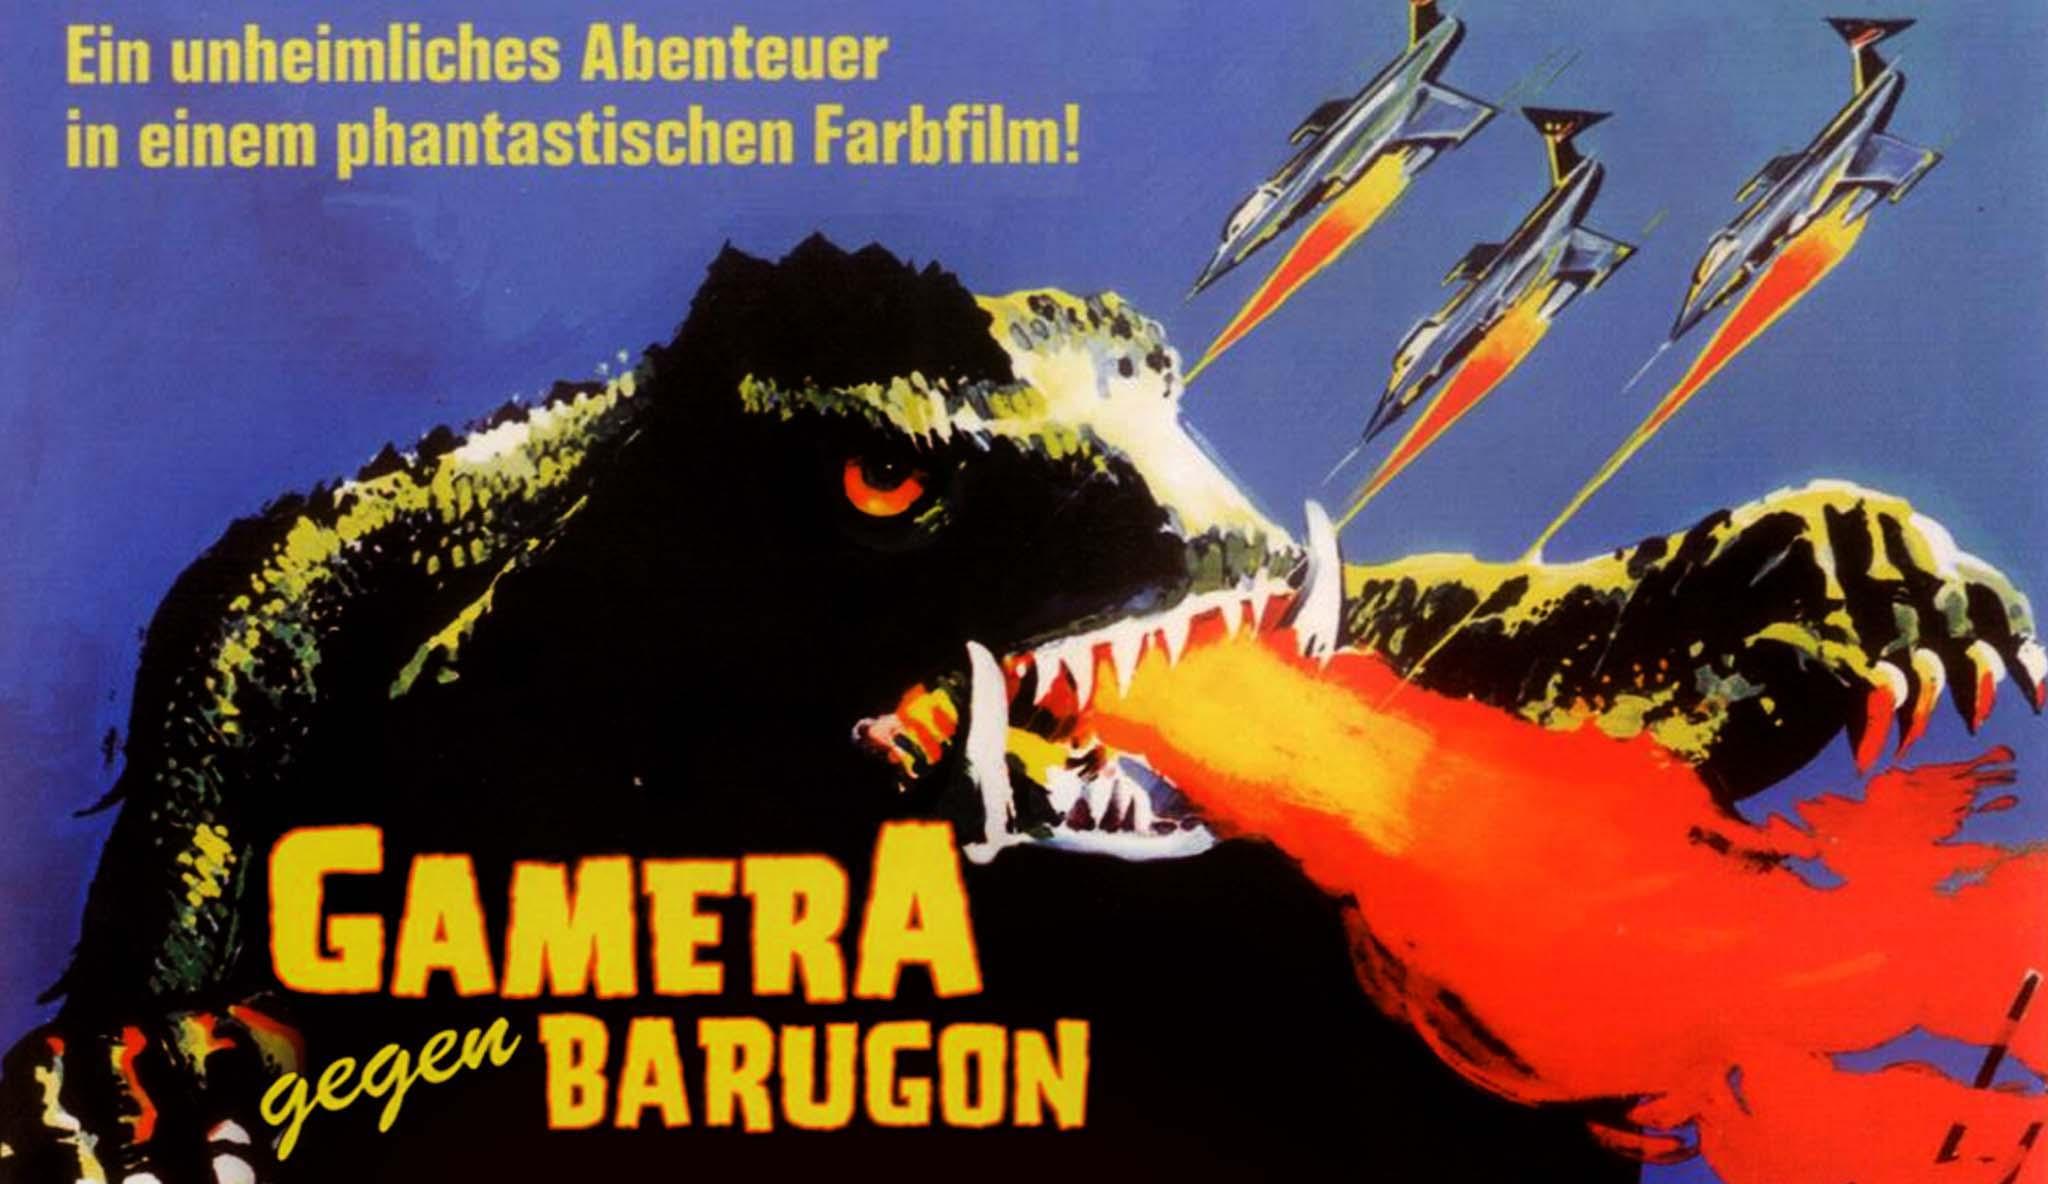 gamera-gegen-barugon-frankensteins-drache-aus-dem-dschungel\header.jpg